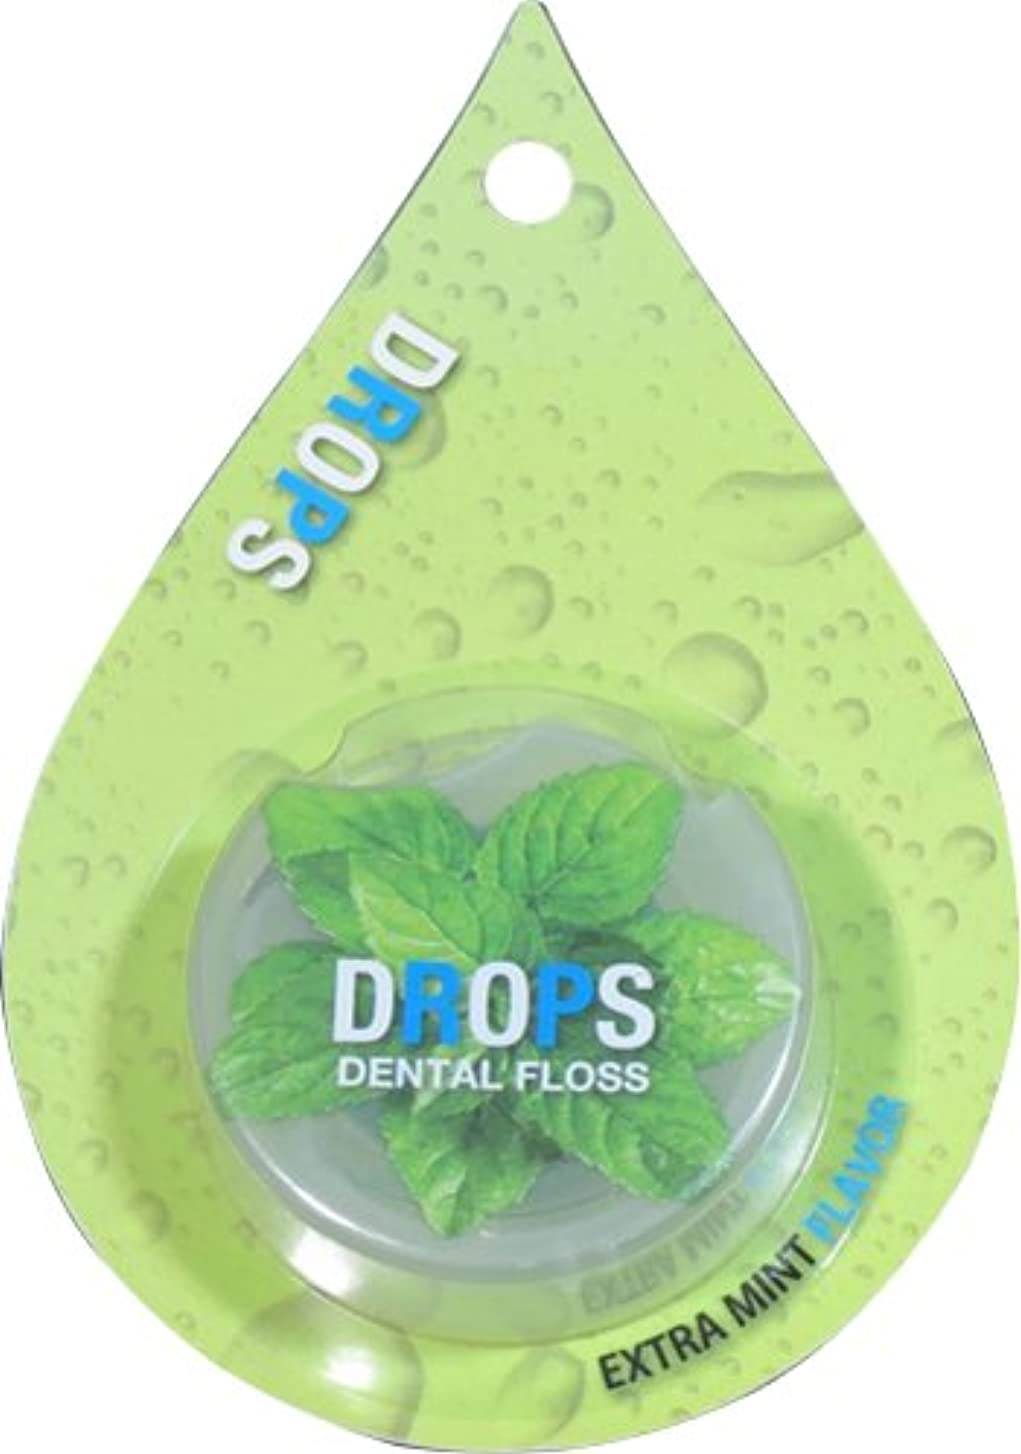 共同選択受粉する絶滅したDrops(ドロップス) - Extra Mint